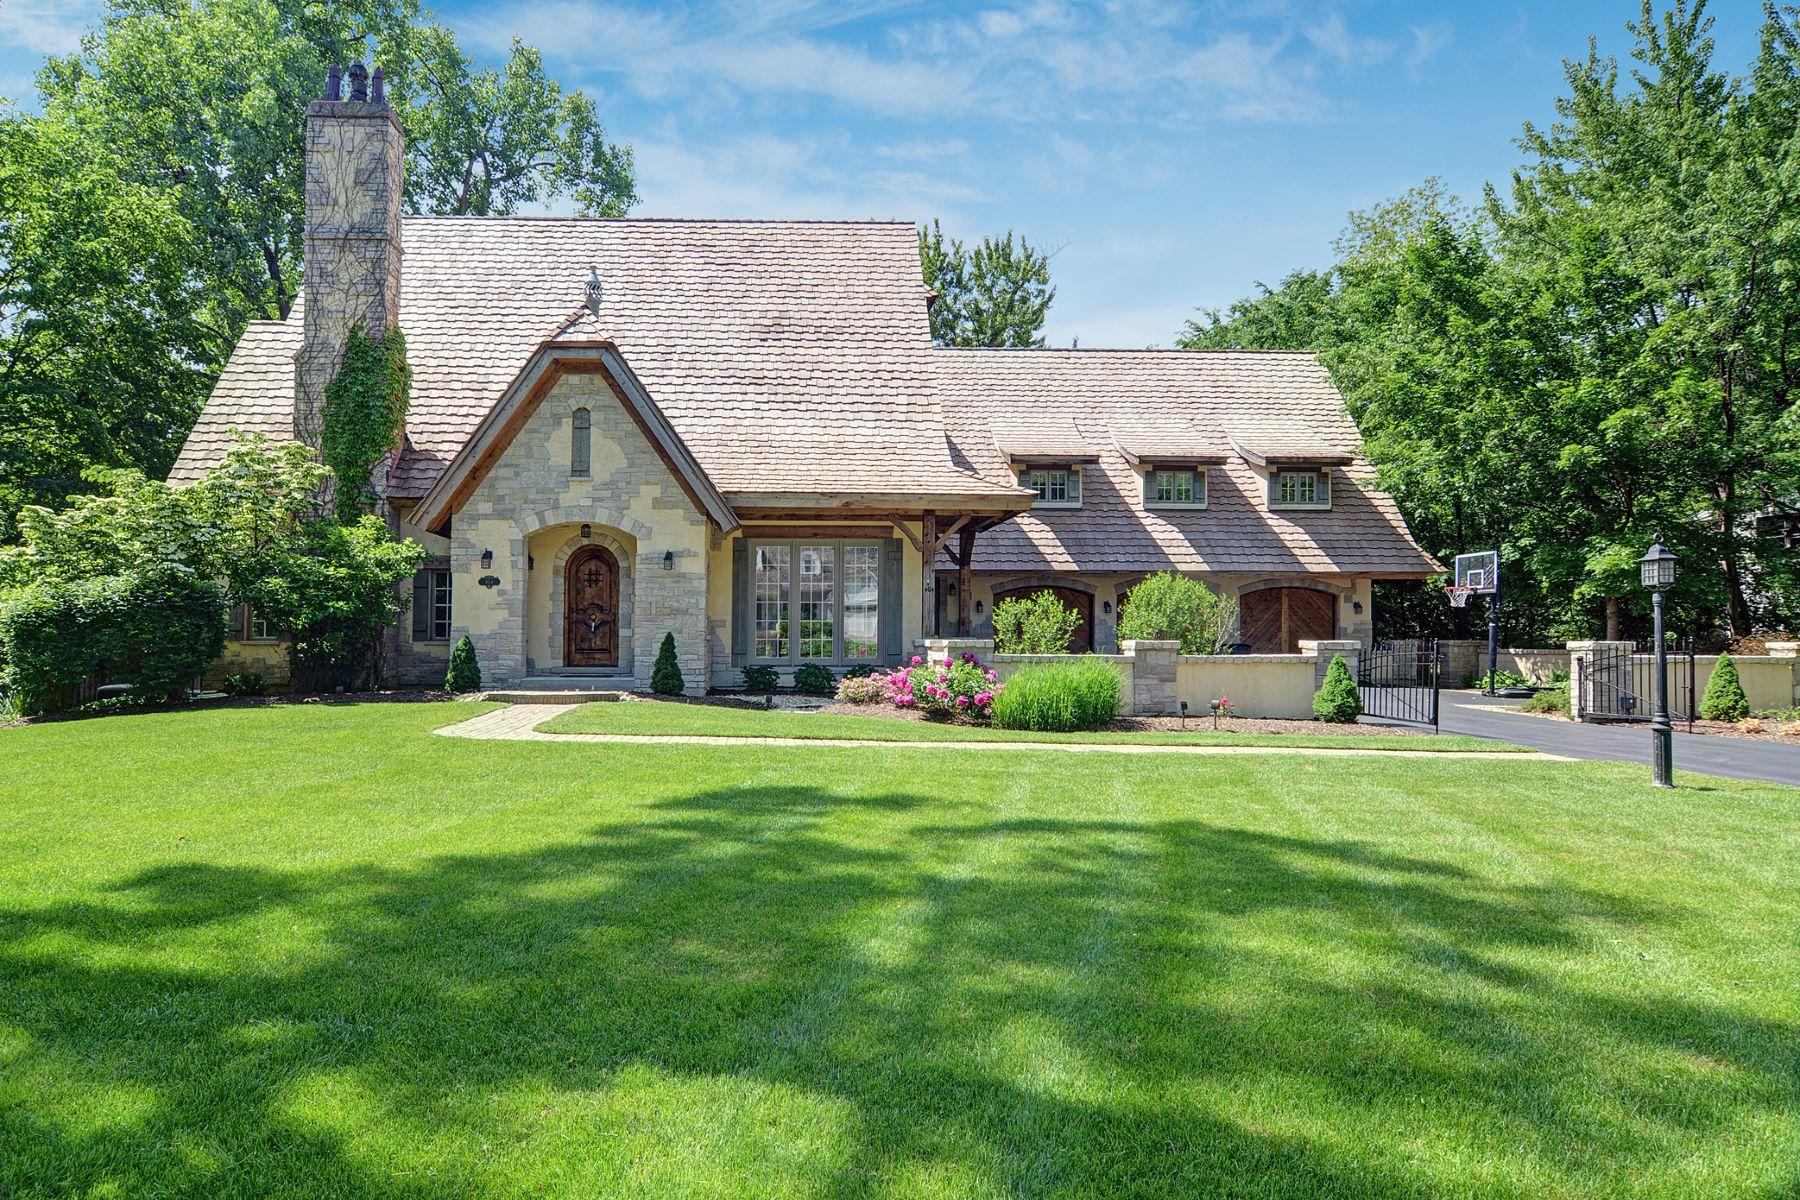 Maison unifamiliale pour l Vente à Birchwood Road 404 Birchwood Rd Hinsdale, Illinois, 60521 États-Unis